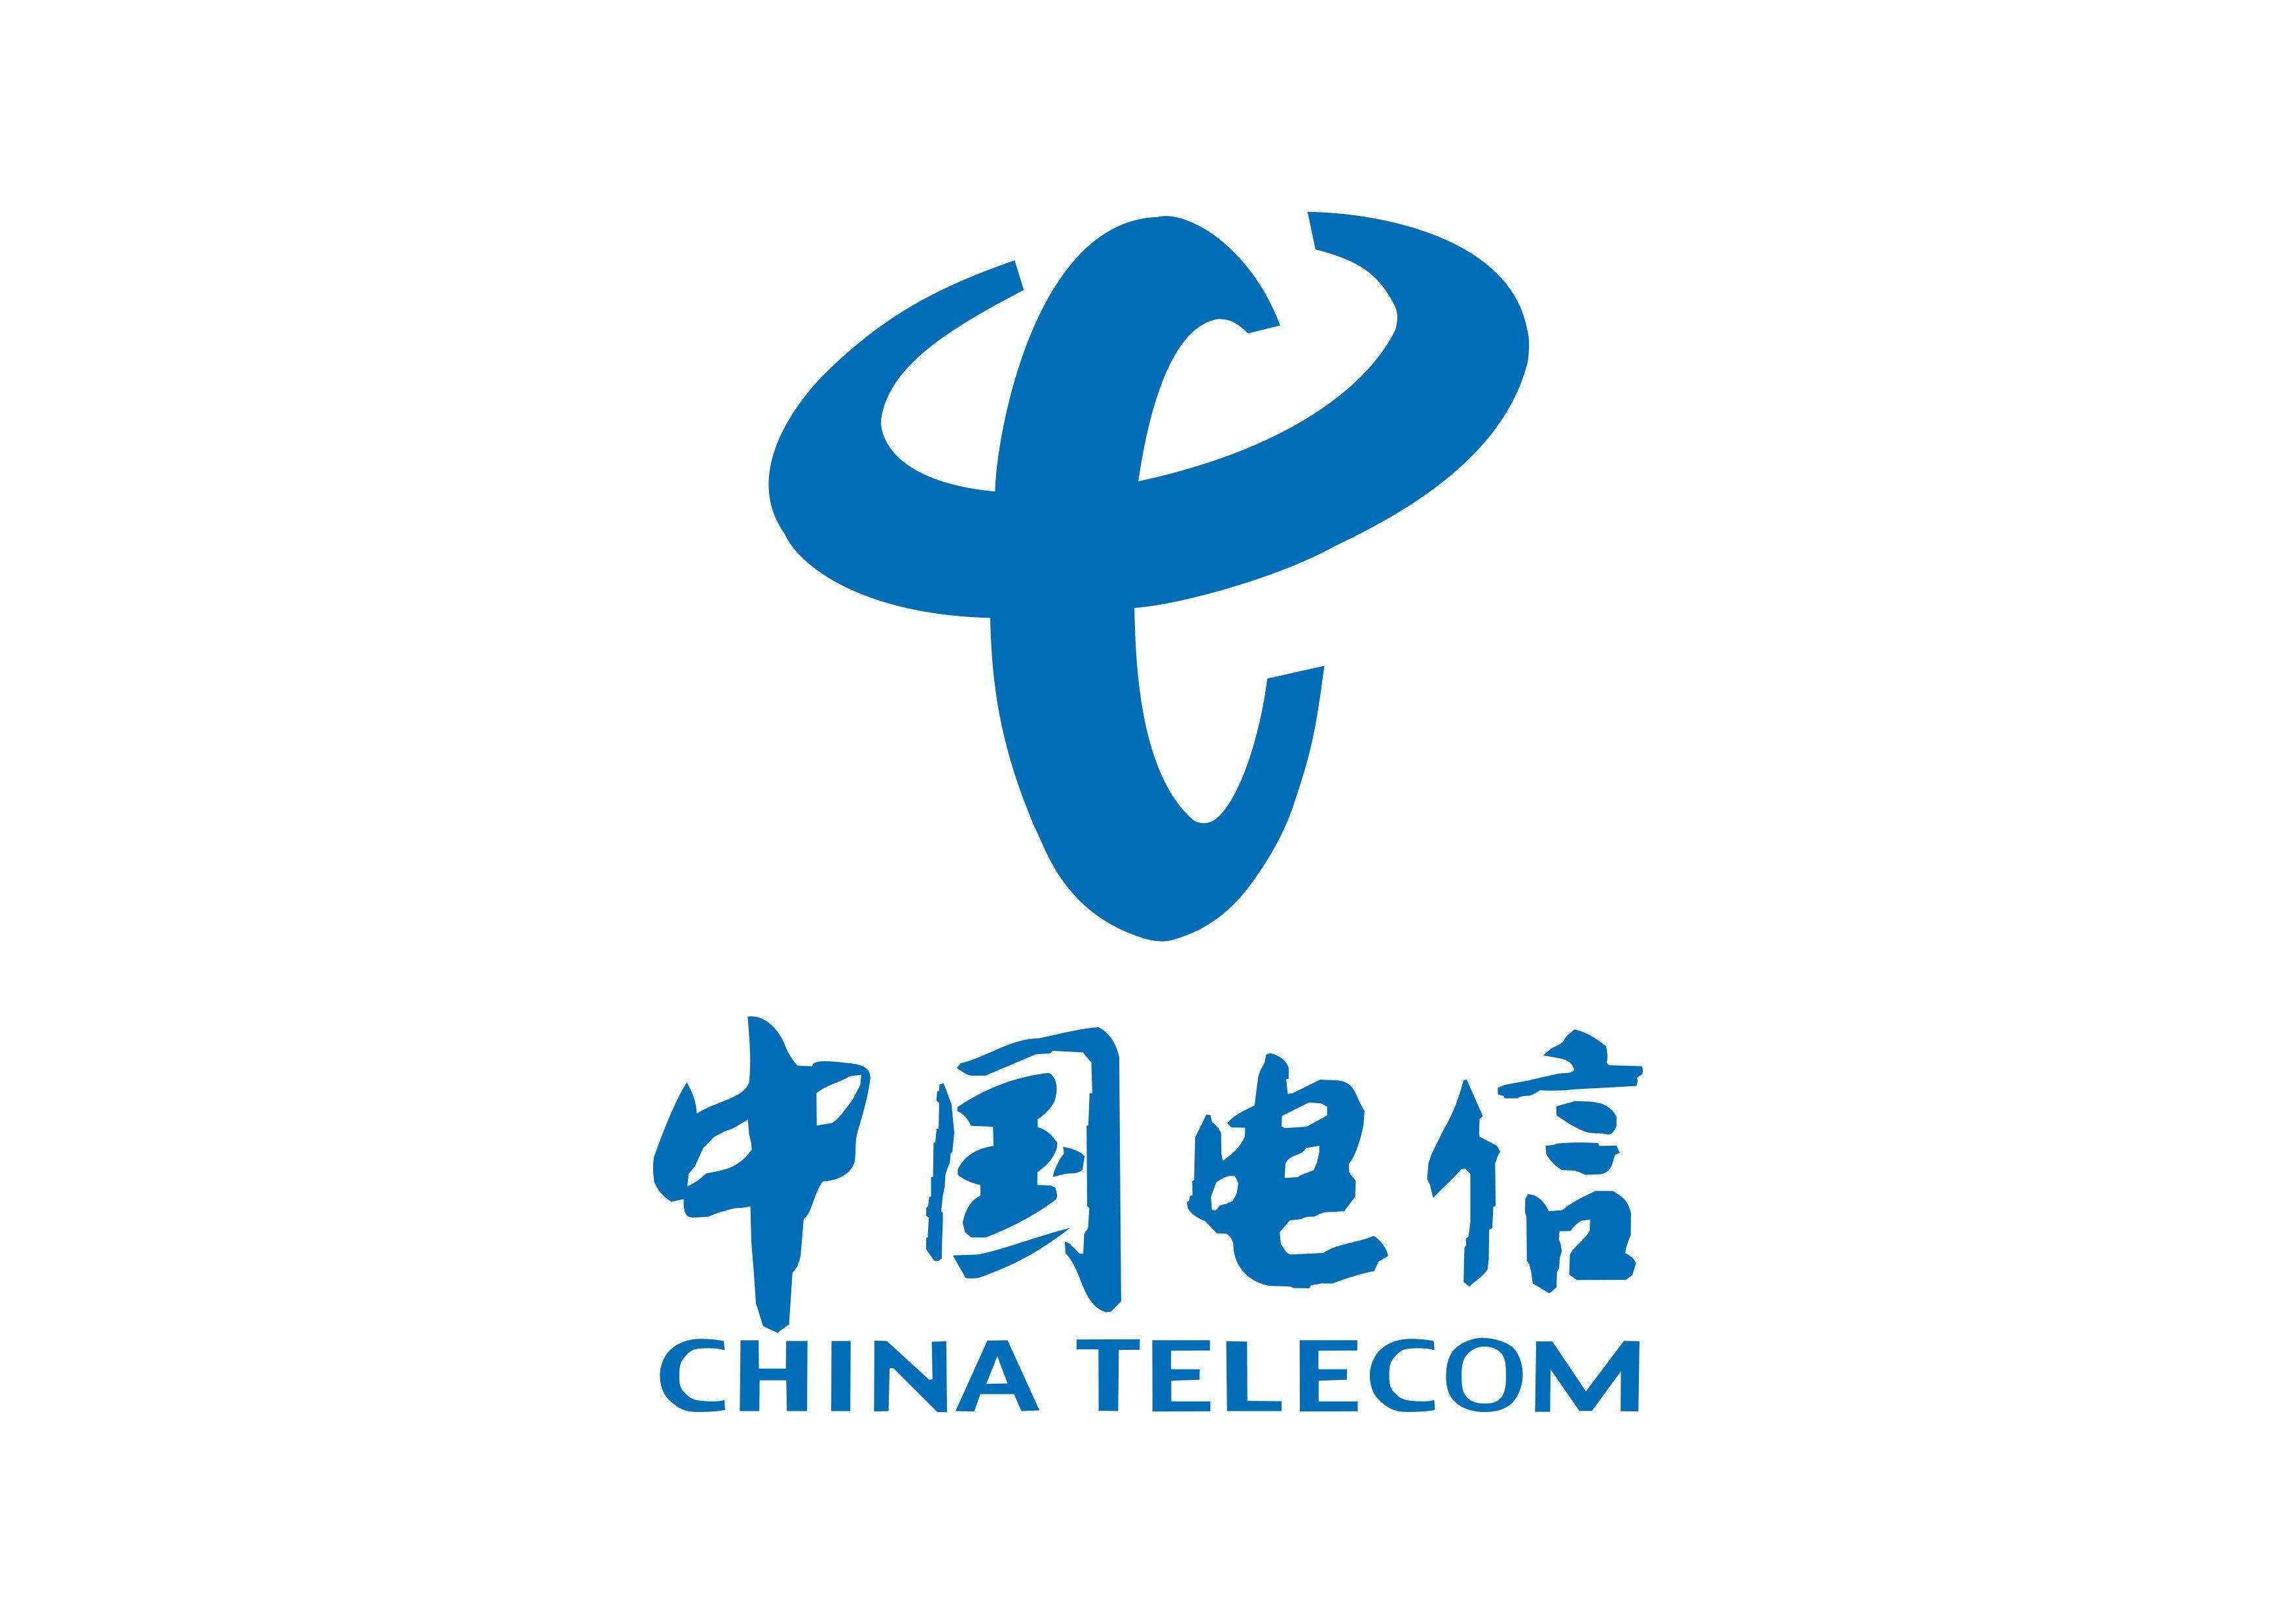 中国电信2019年1月份运营数据整体情况报告